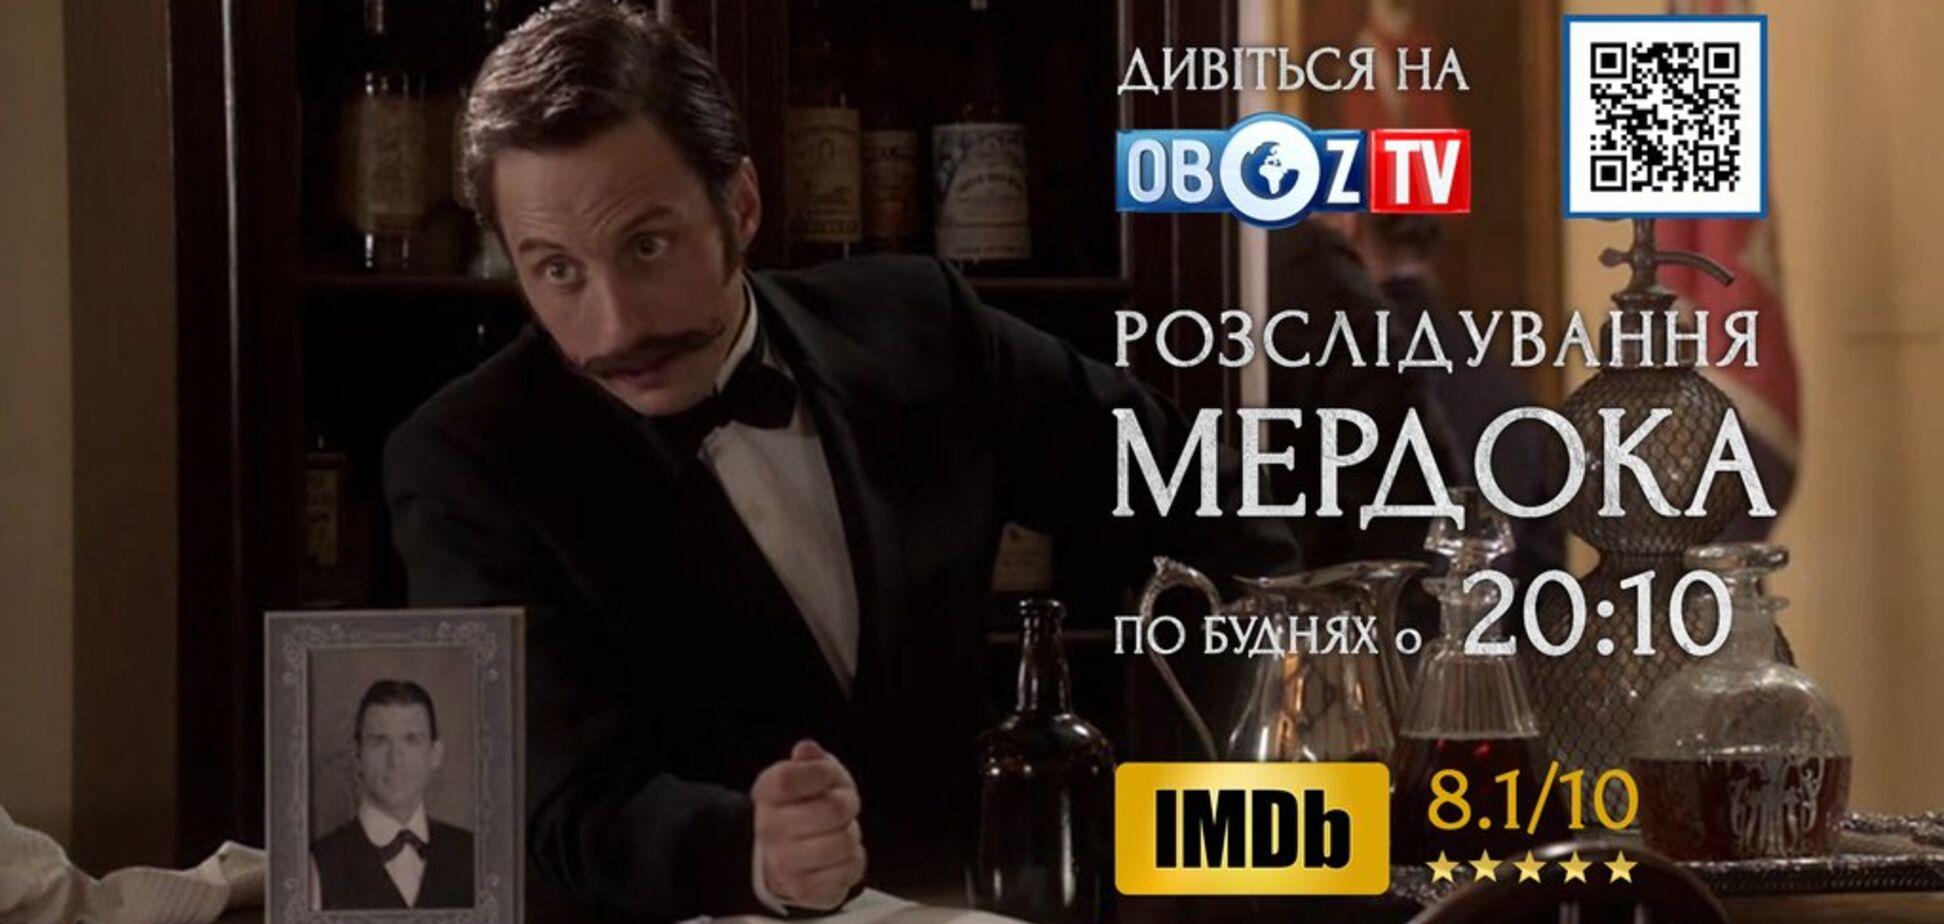 Смотрите на ObozTV сериал 'Расследование Мердока' – серия 'Двойная жизнь'